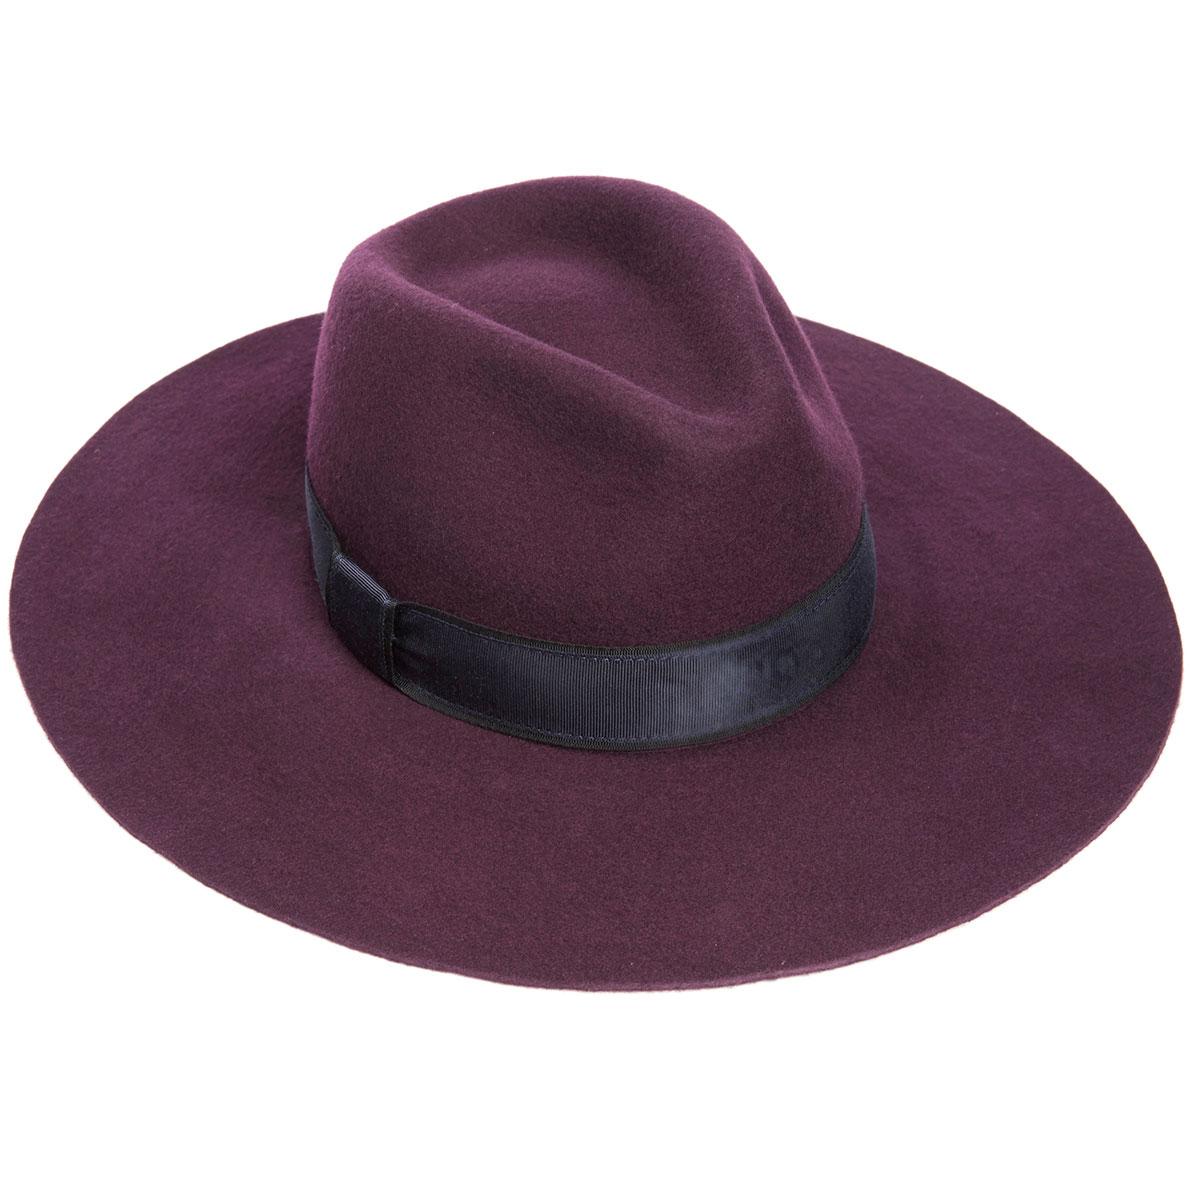 Kimberley Floppy Brim Fedora Hat - Berry - One Size